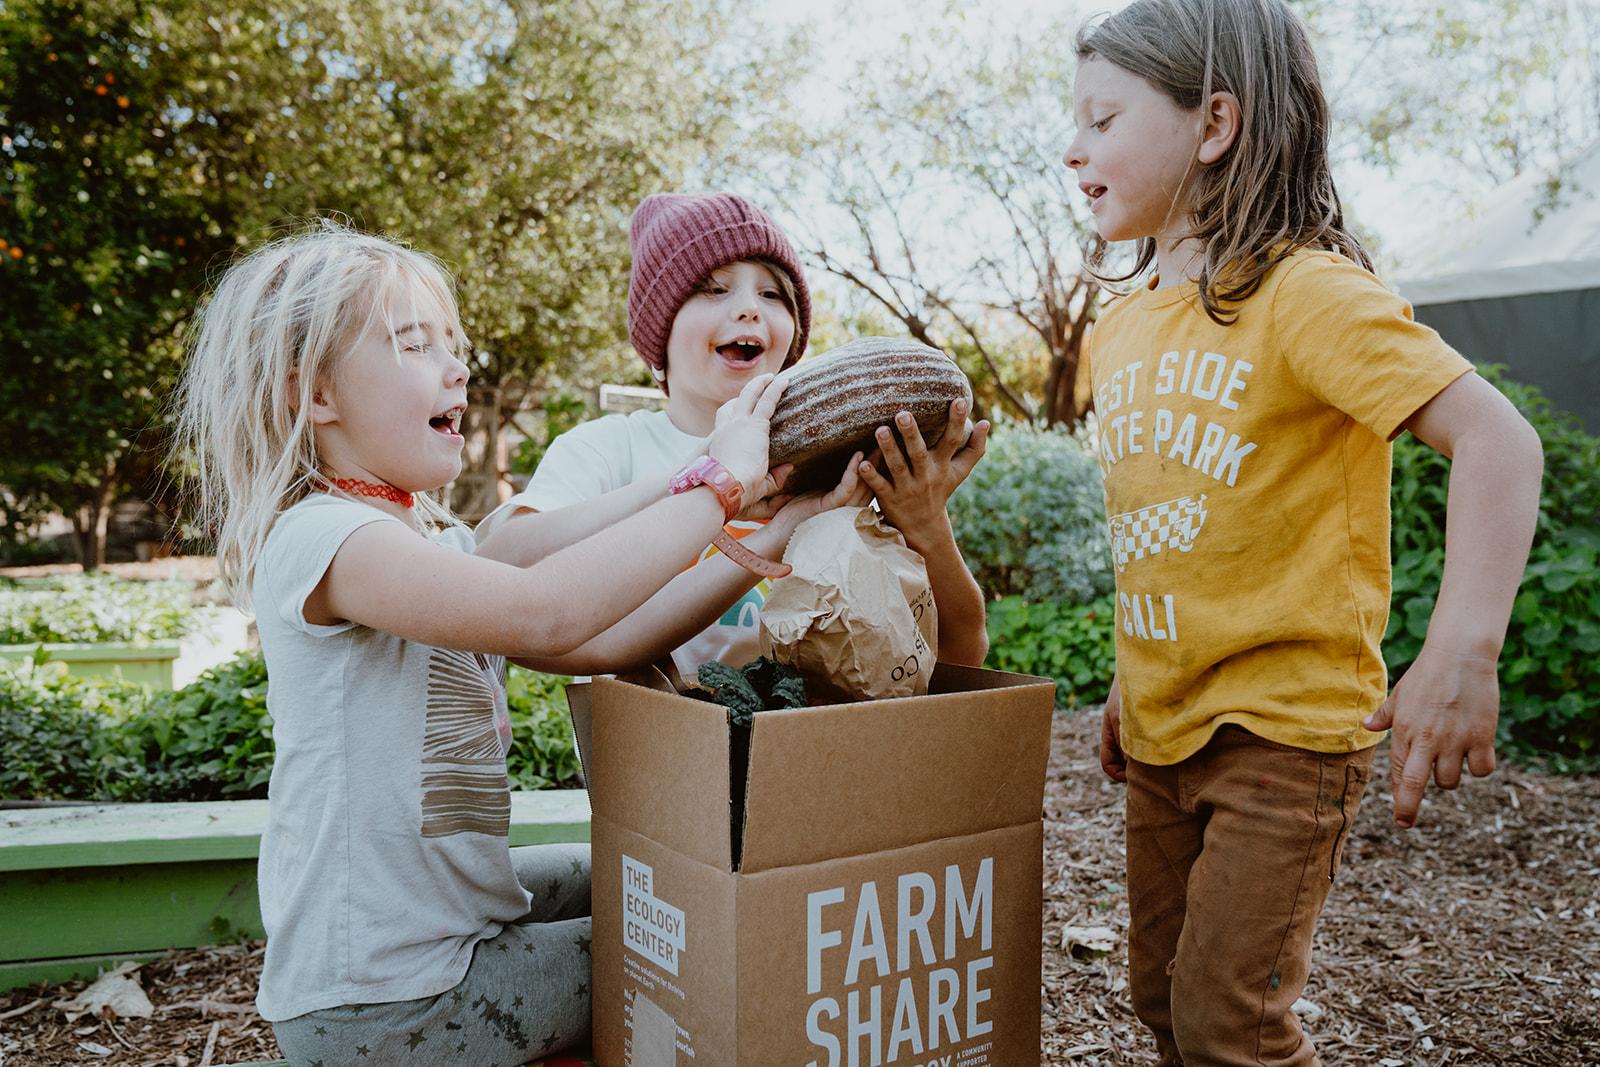 Children opening field kit to find bread inside.